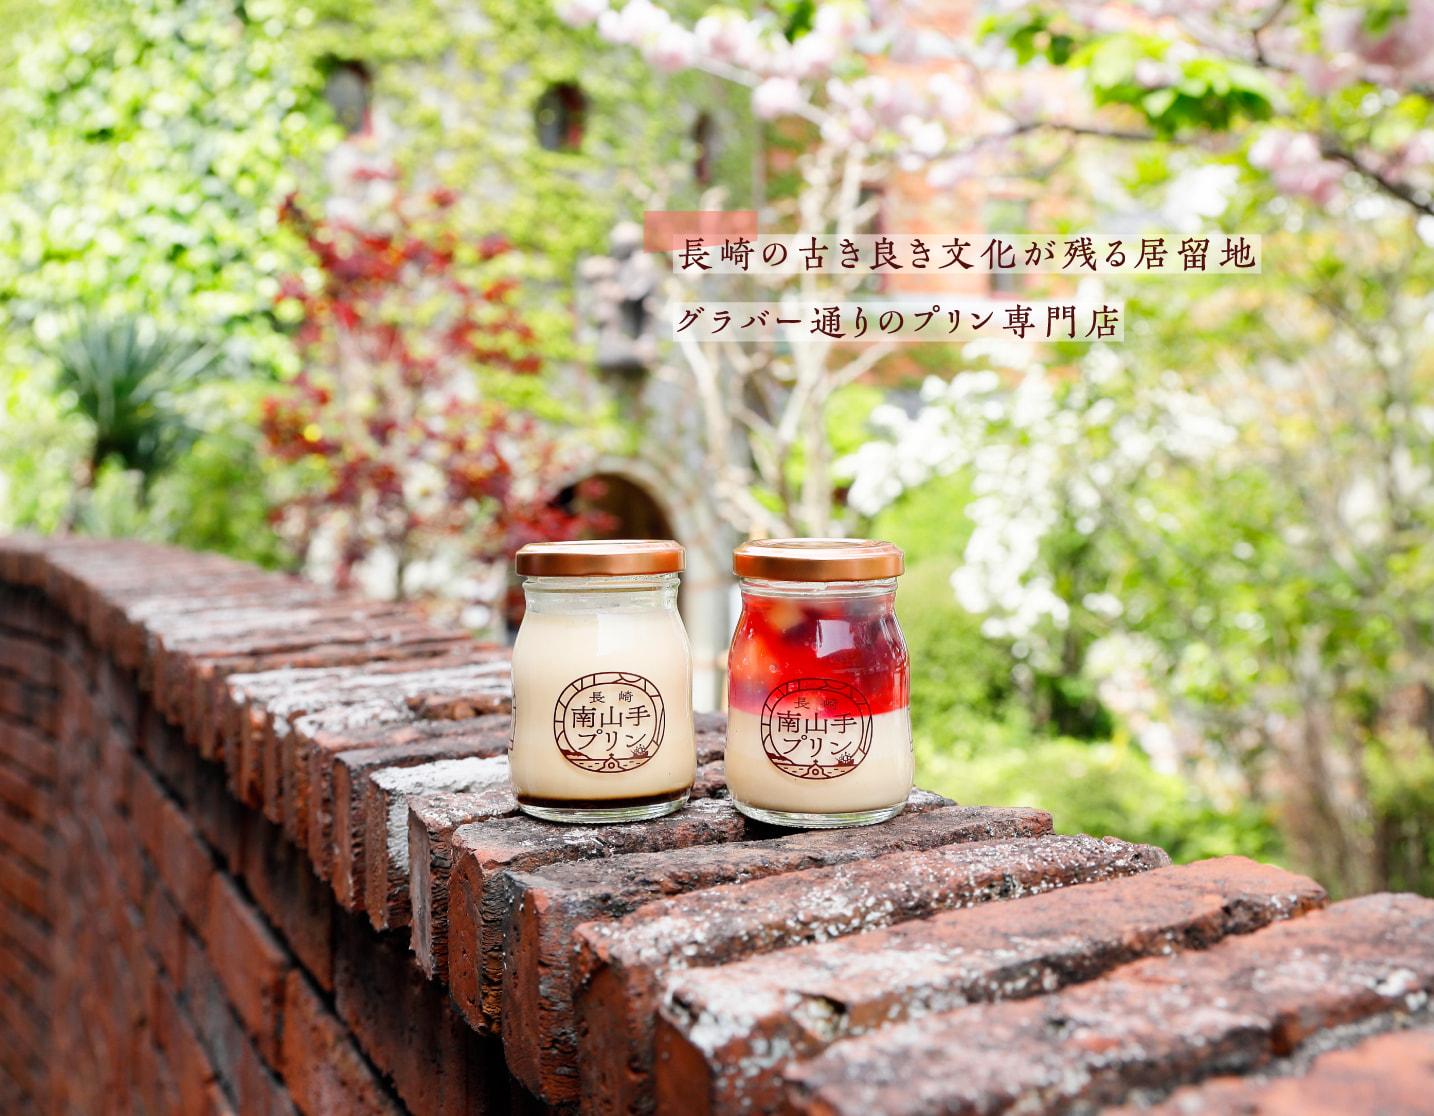 長崎のプリン専門店「南山手プリン」長崎の古き良き文化が残る居留地グラバー通りのプリン専門店